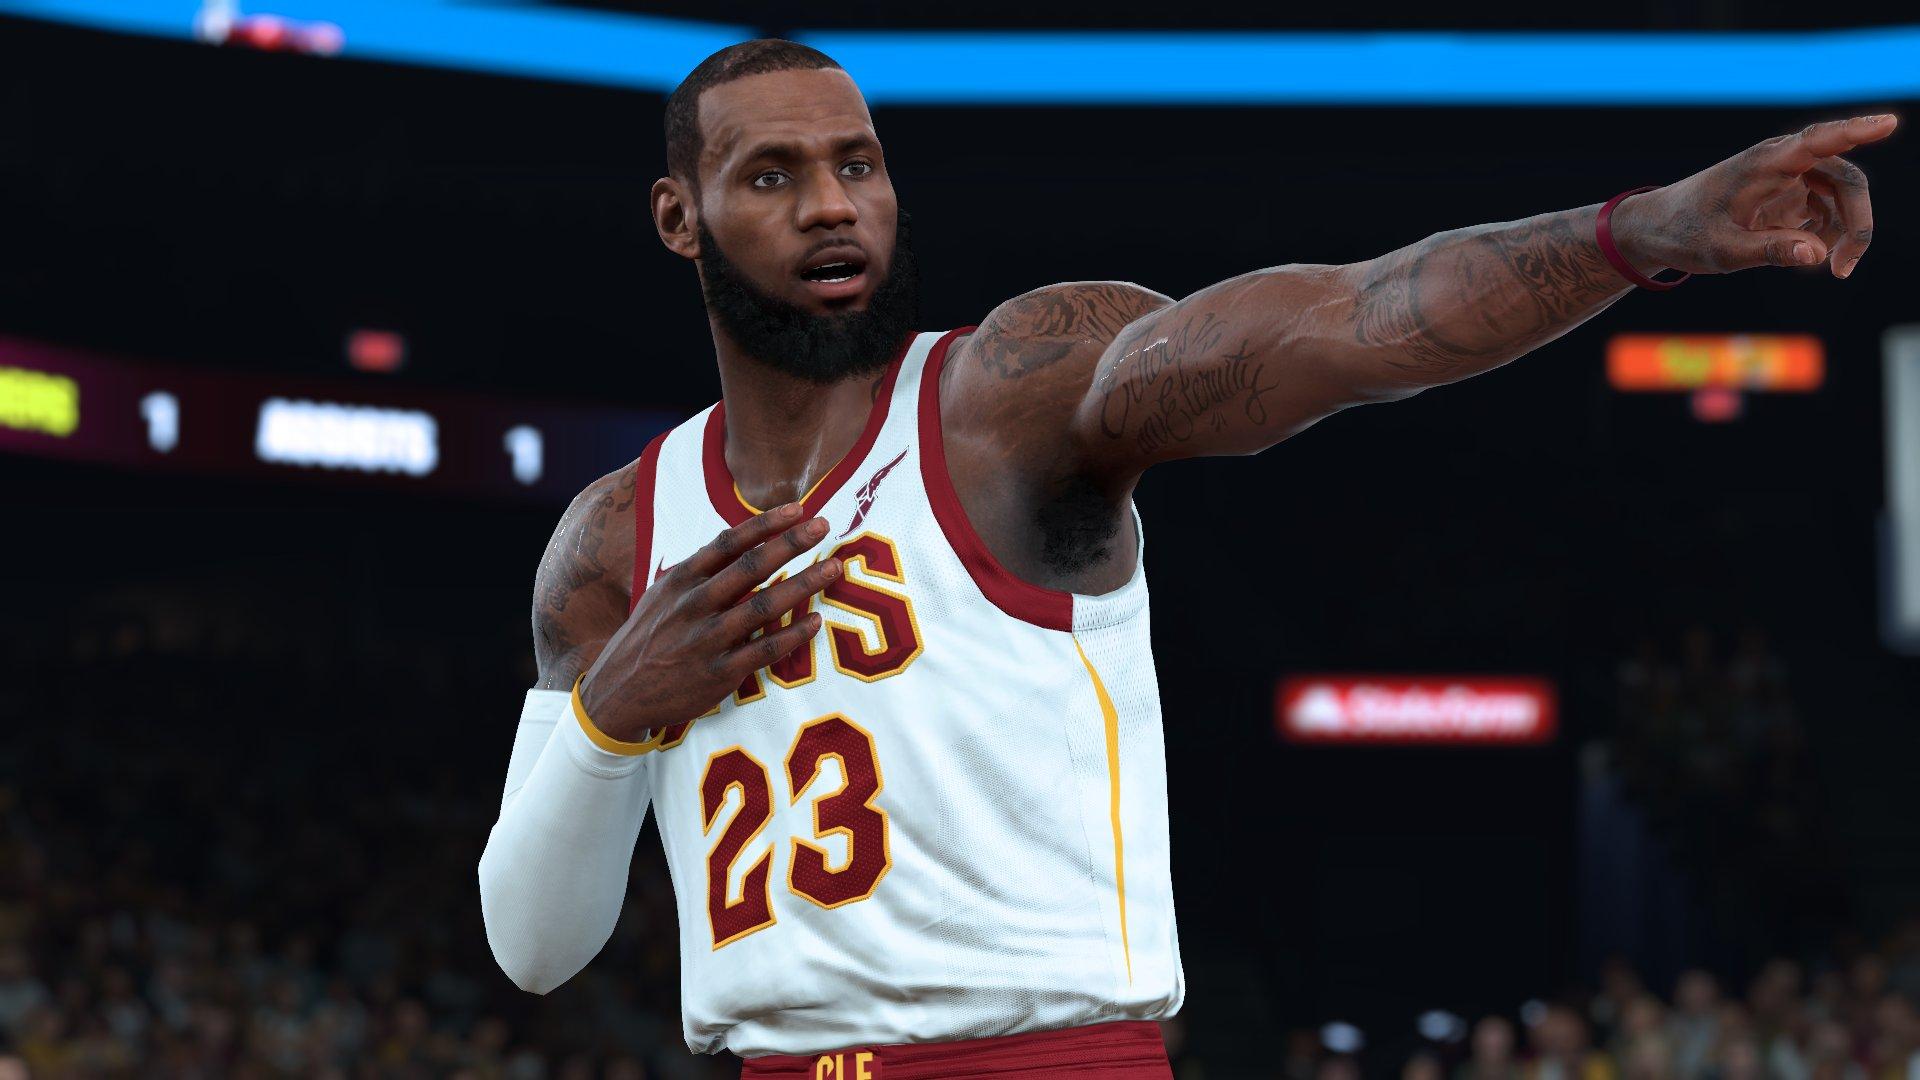 NBA 2K19 Screenshot - LeBron James (Overall Rating - 98